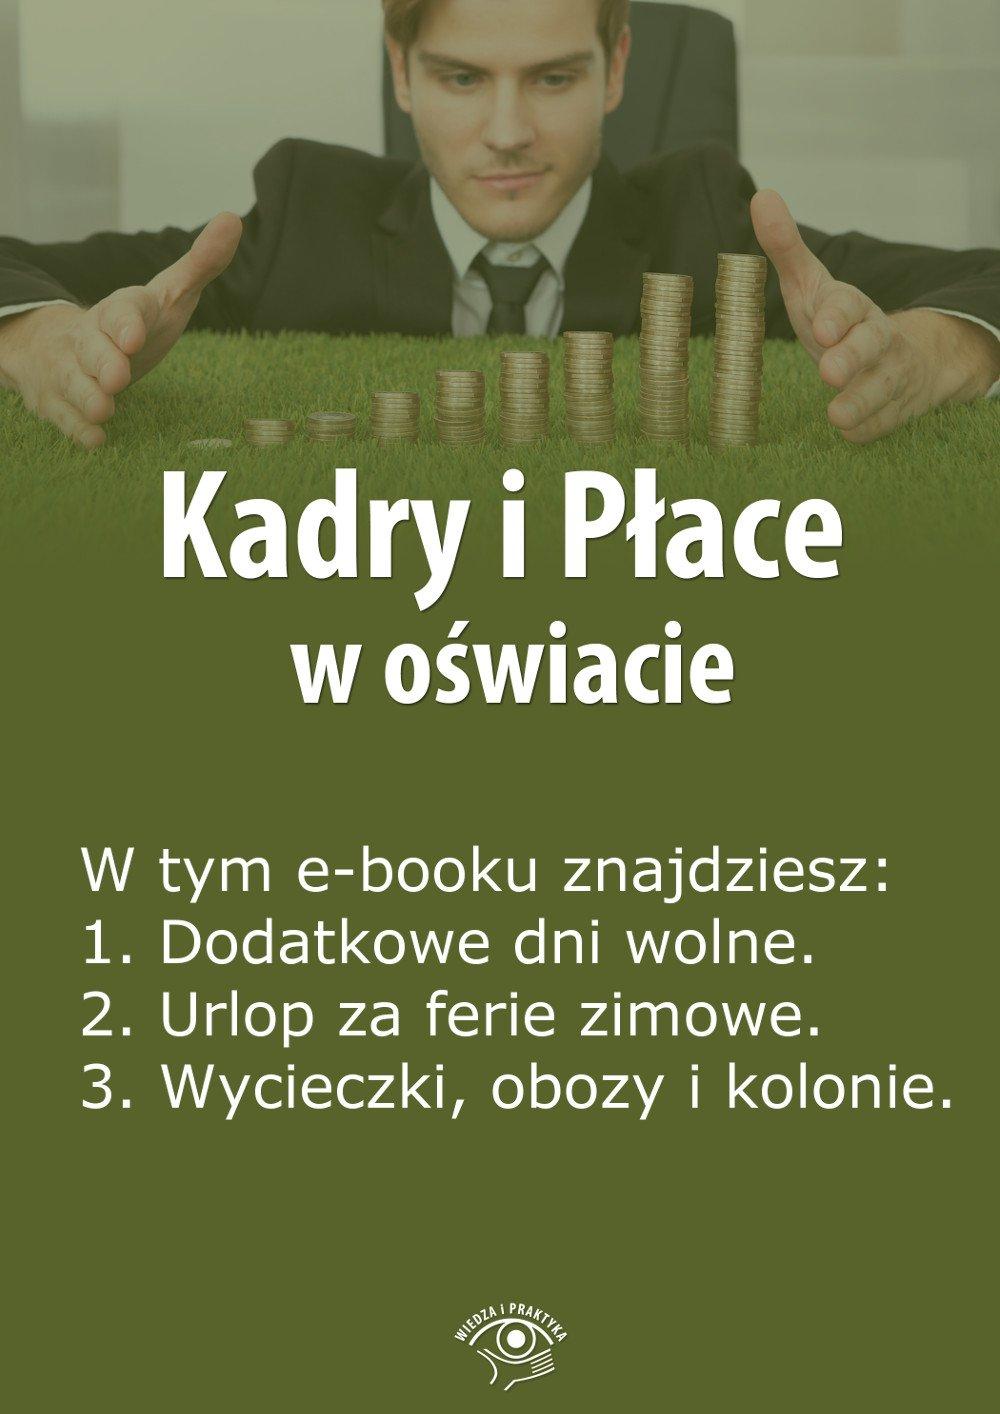 Kadry i Płace w oświacie. Wydanie marzec 2014 r. - Ebook (Książka EPUB) do pobrania w formacie EPUB